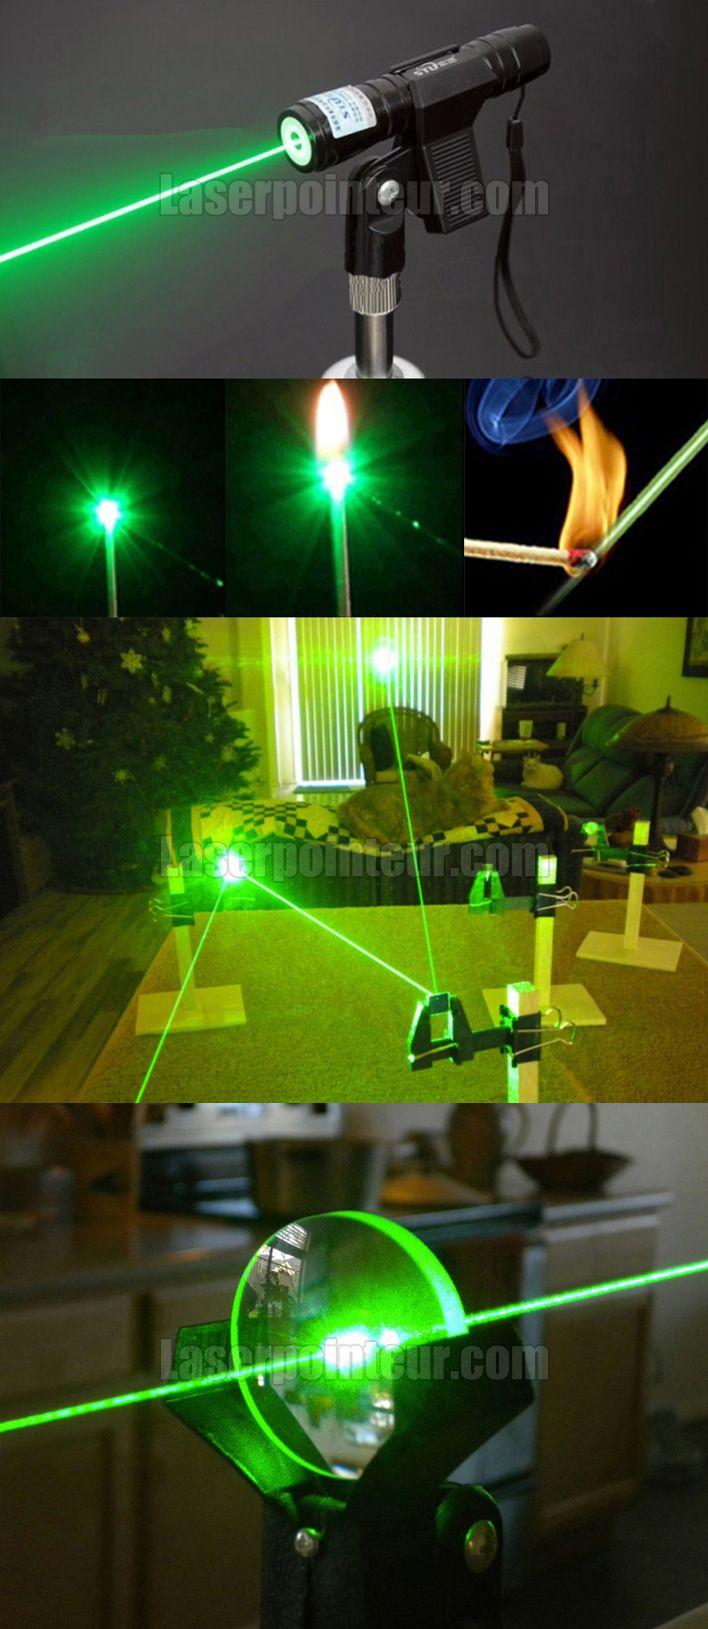 Pointeur laser vert 100mW longue portée | Pointeur Laser | Pinterest